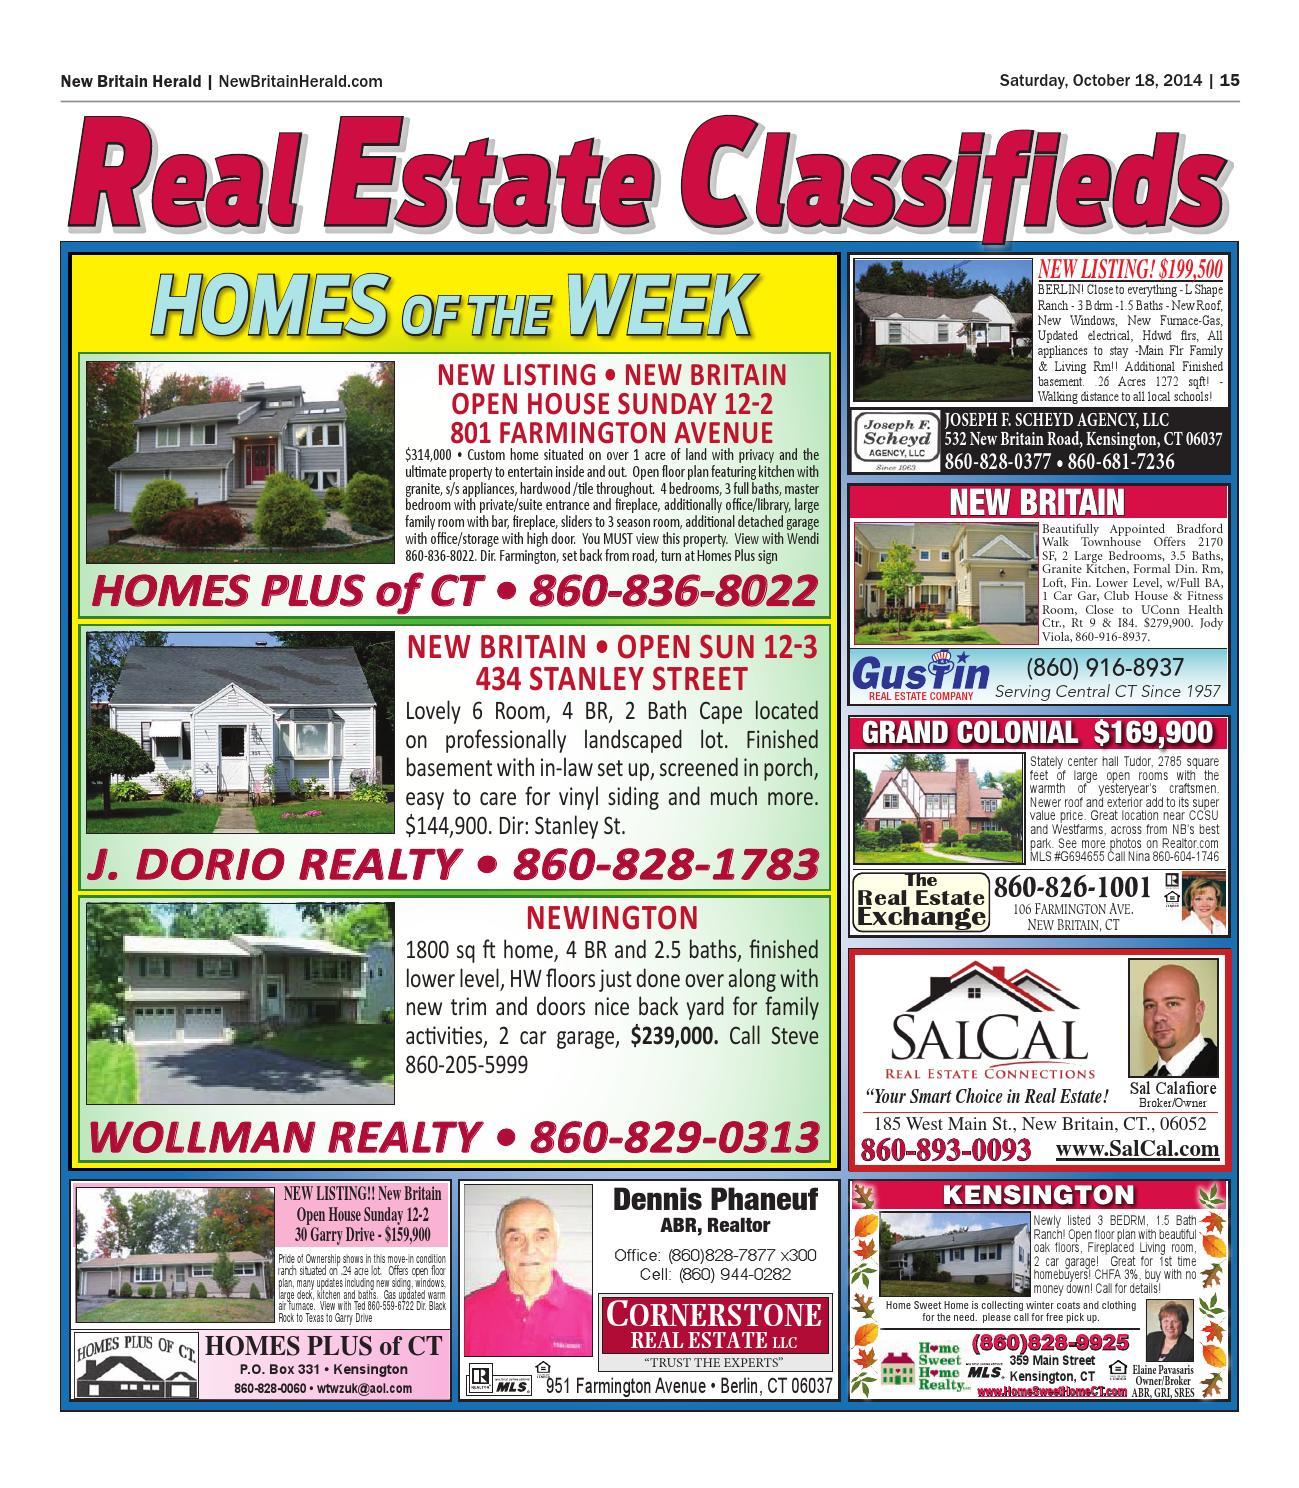 New Britain Herald Bristol Press Real Estate Book 2014